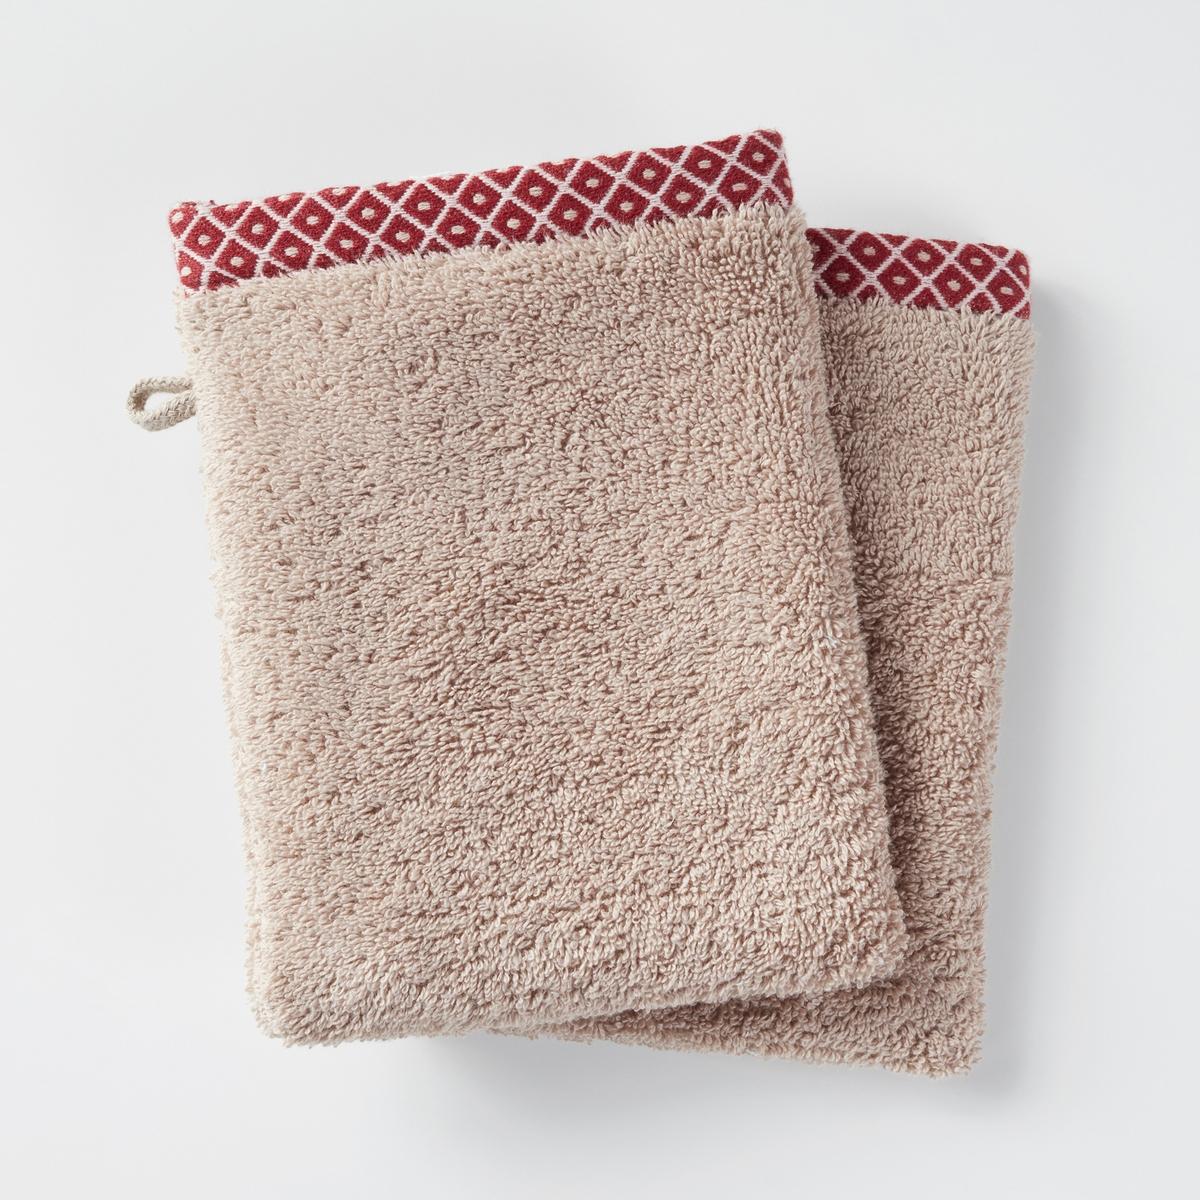 Комплект из 2-х банных рукавичек, 100% хлопка, EVORAКомплект из 2-х банных рукавичек, EVORA, с цветной кромкой, из 100% хлопка. Мягкий, плотный хлопок отличного качества  банные рукавички хорошо сочетаются со всеми банными принадлежностями этой коллекции.Характеристики:Материал: махровая ткань, 100% хлопка, 500 г/м?.Уход: Машинная стирка при 60°С.Размеры:- 15 x 21 см.<br><br>Цвет: бежевый,кирпичный,сине-зеленый